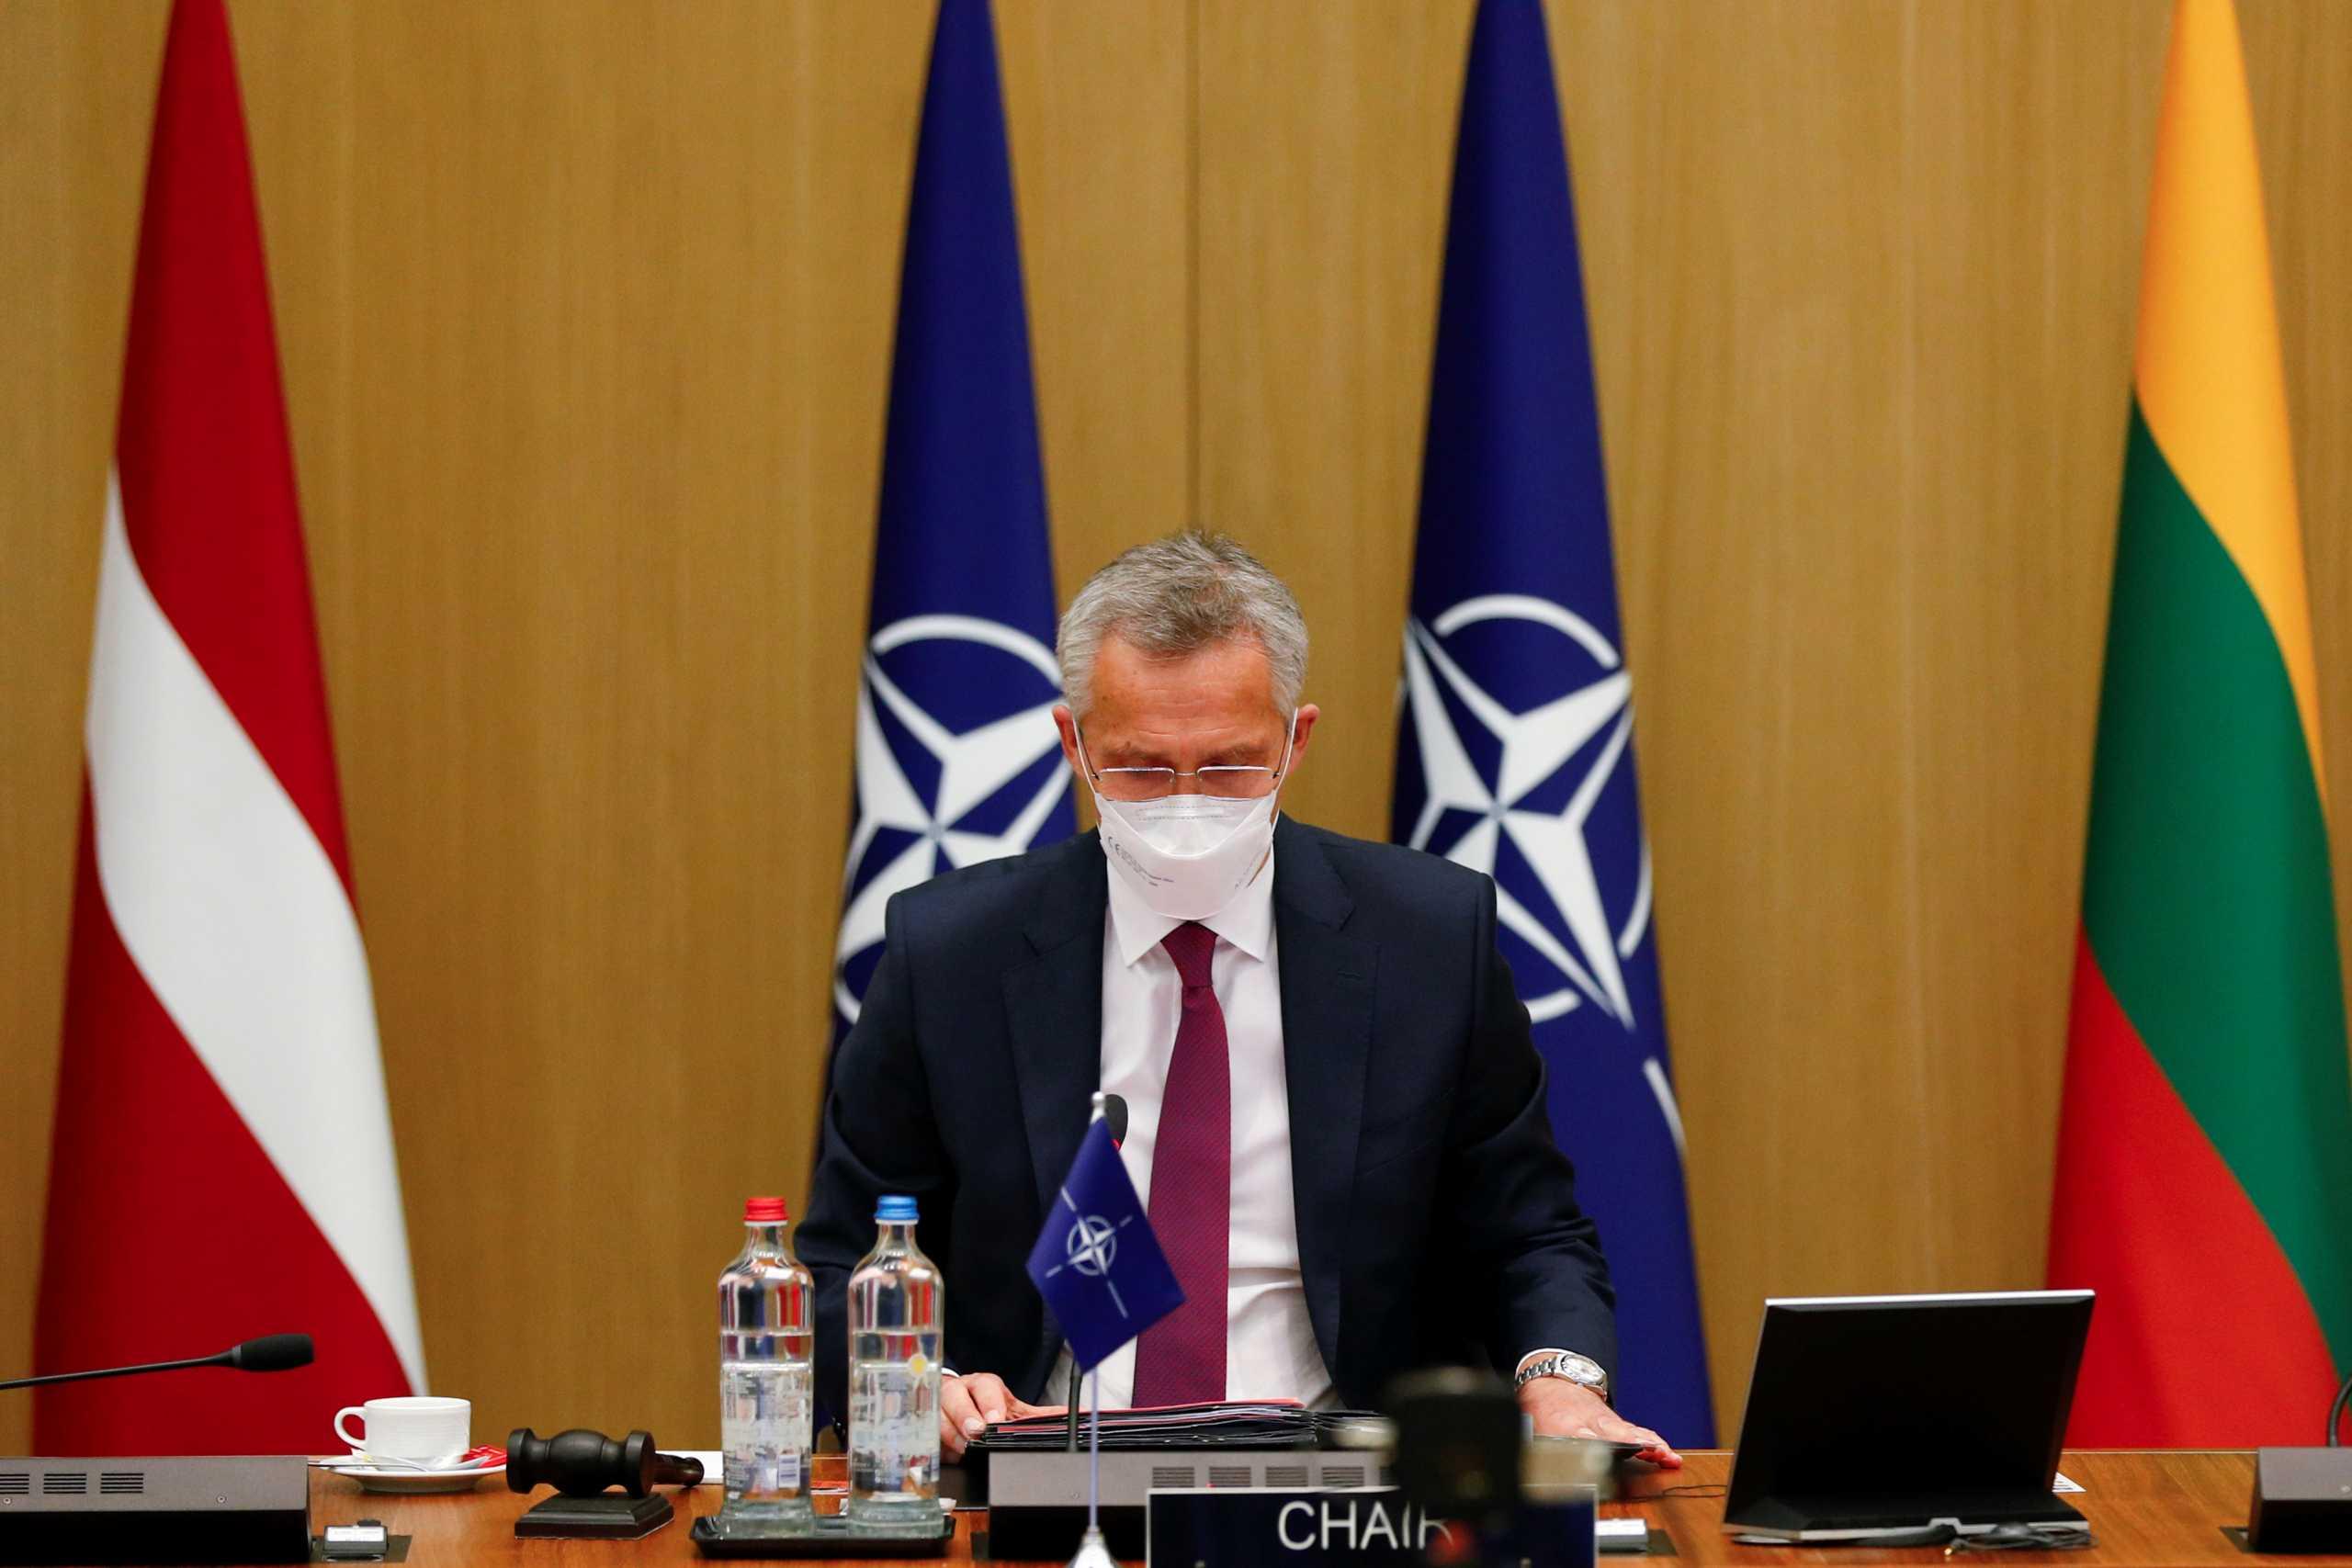 Στόλτενμπεργκ: «Κάλυψε» την Τουρκία για την αντίδραση NATO κατά της Λευκορωσίας